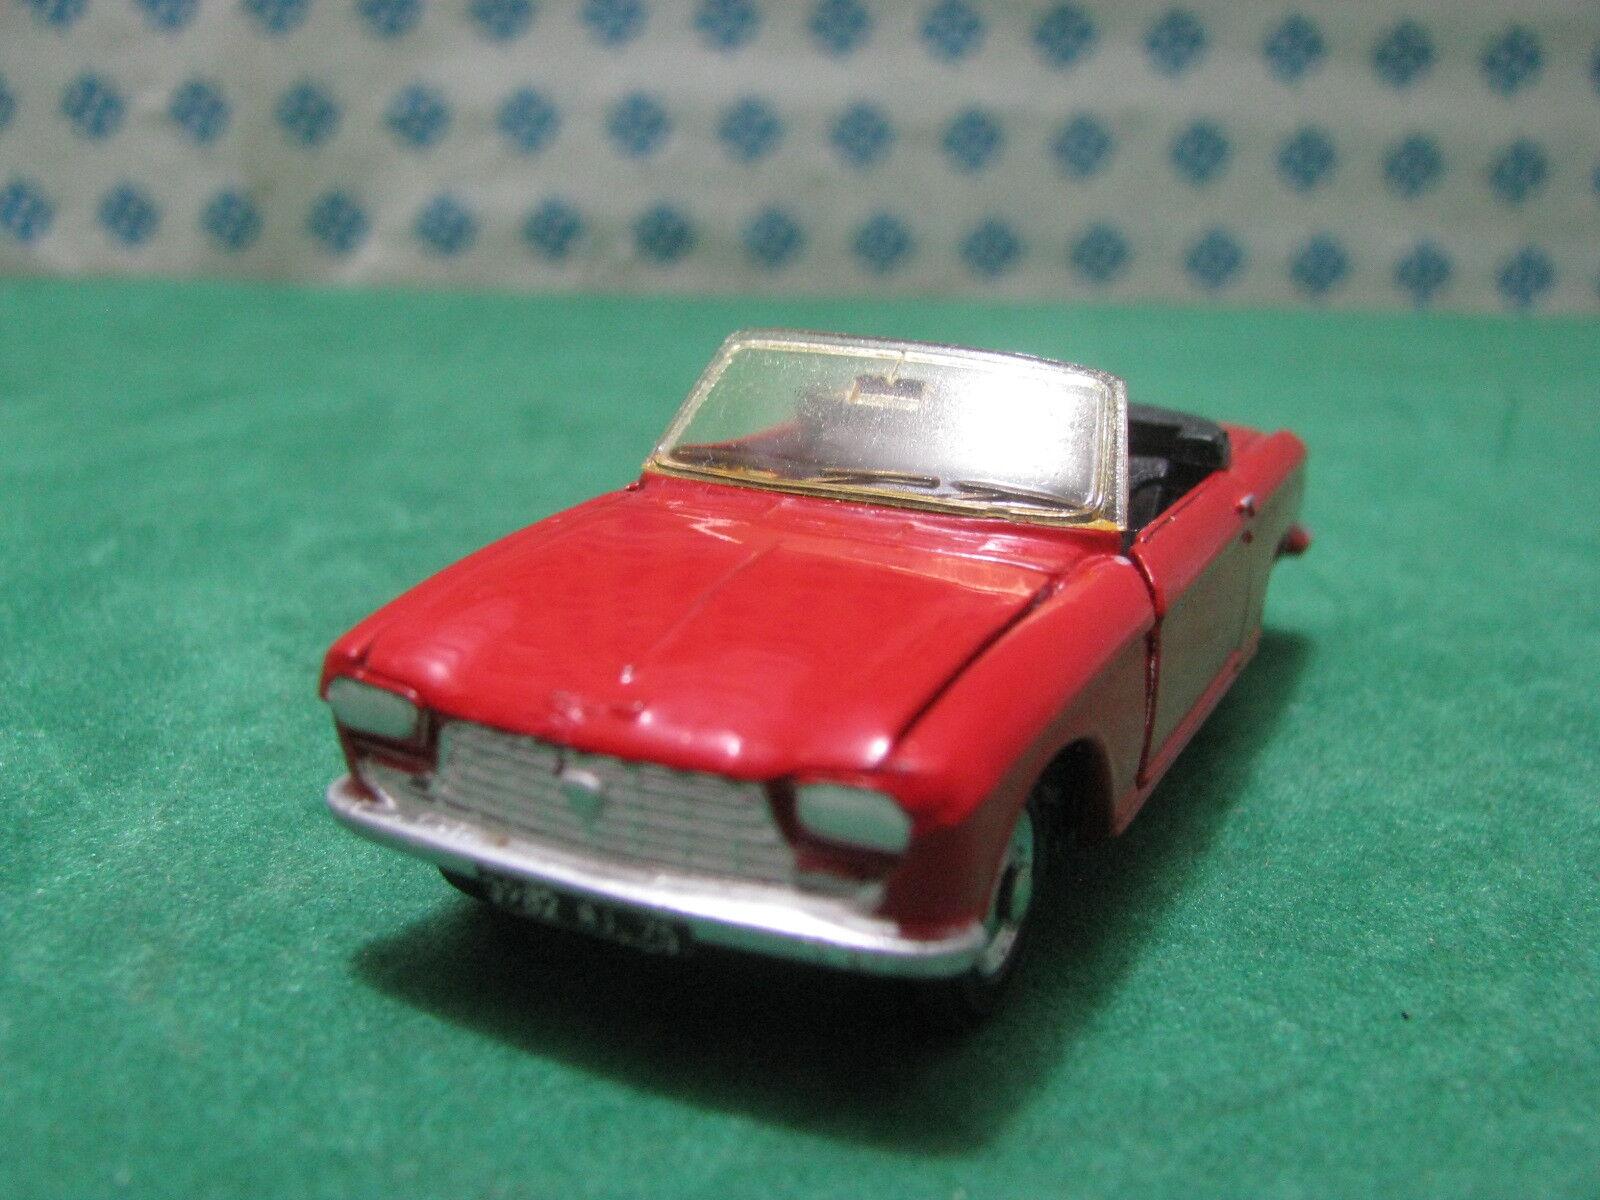 Vintage  -  PEUGEOT 204 cabriolet        -  1 43  Dinky toys 511    Mint